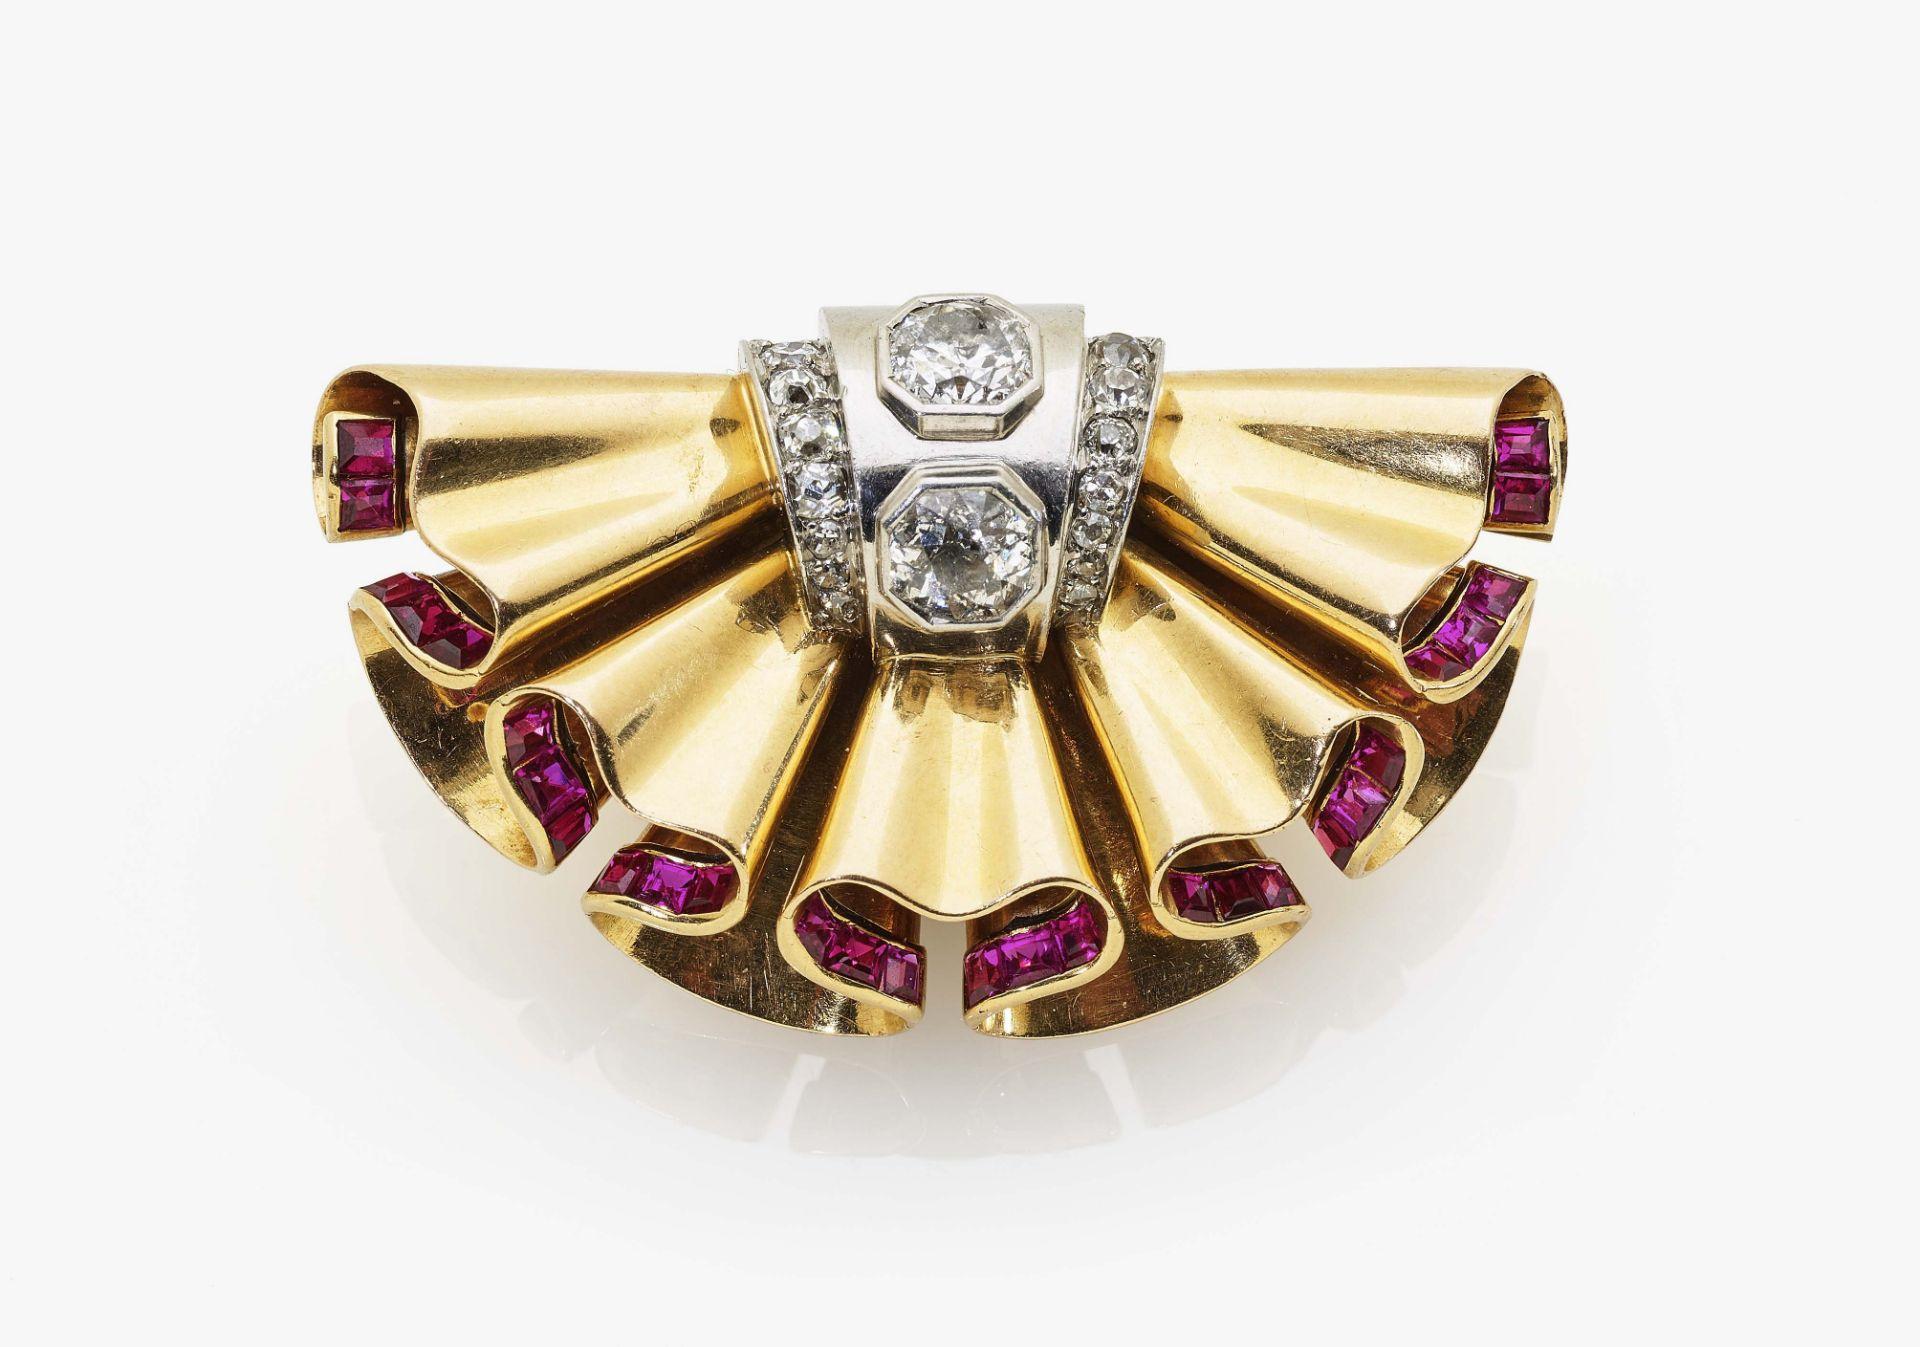 Historischer Broschenclip mit Diamanten und Rubinen